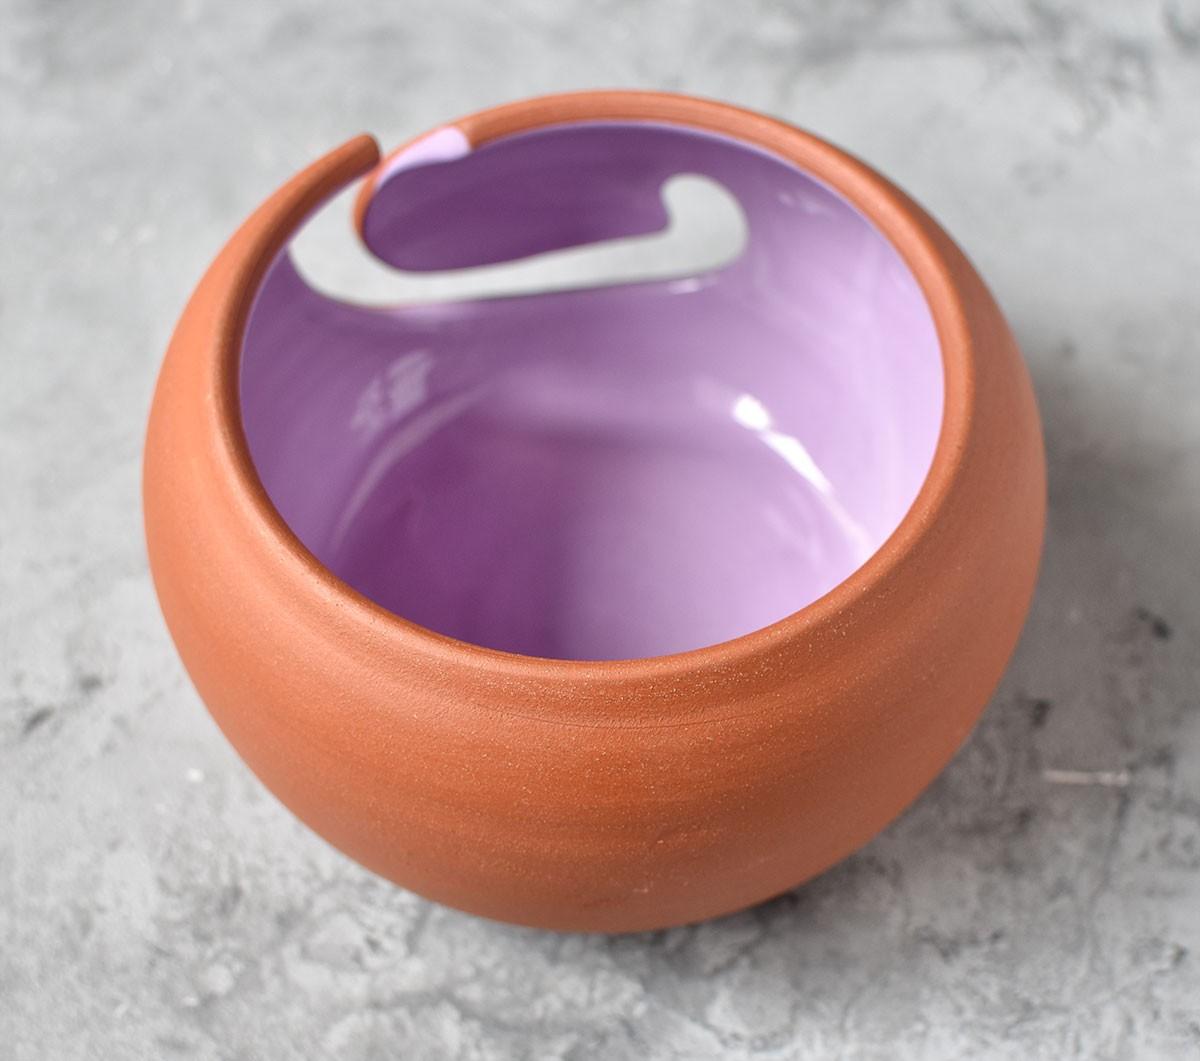 картинка Керамическая клубочница из красной глины - DishWishes.Ru